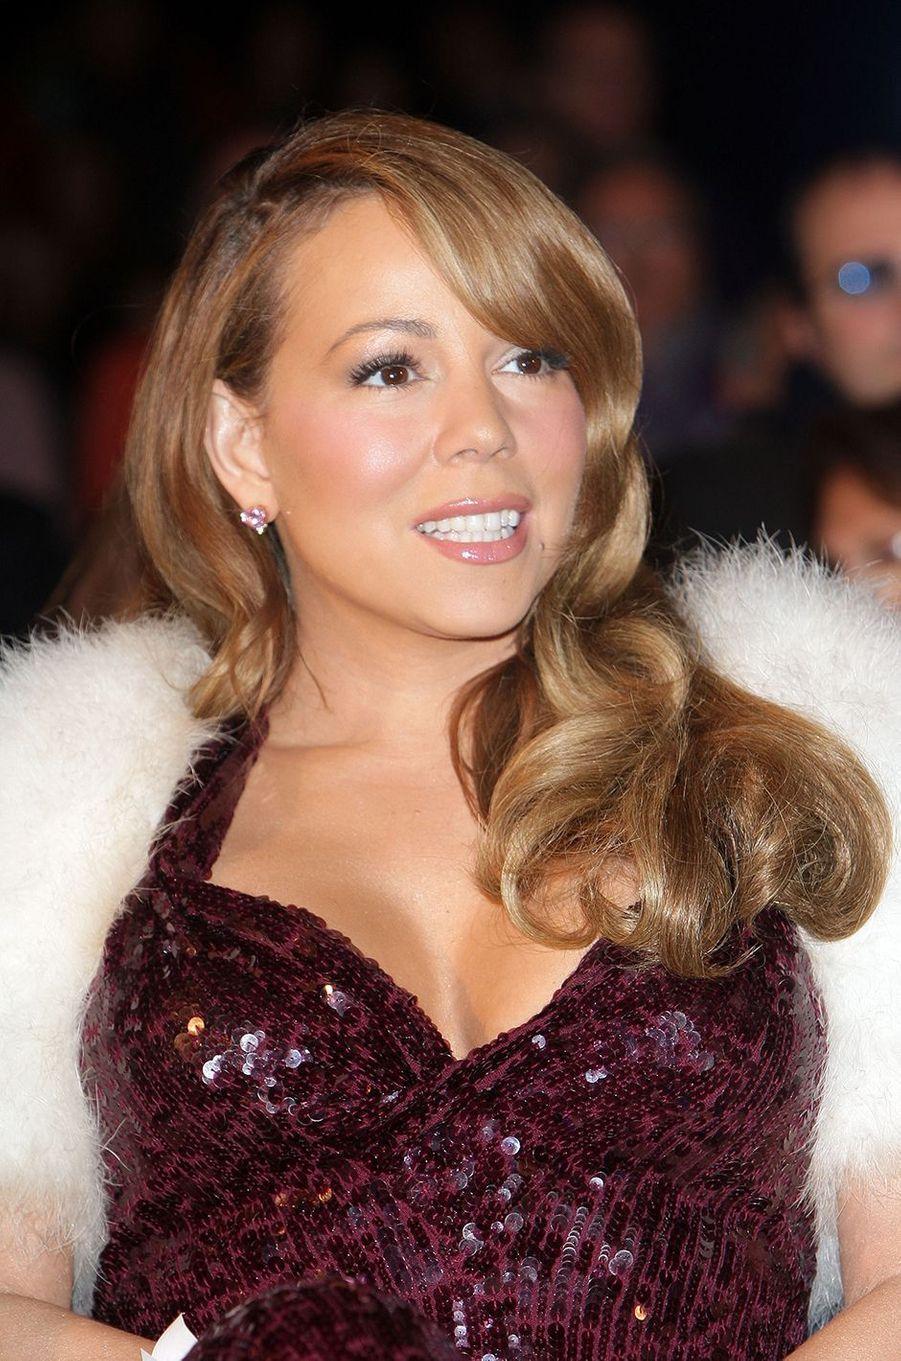 Mariah Carey lors duCapri Hollywood International Film Festival à Capri, Italie, le 28 décembre 2009